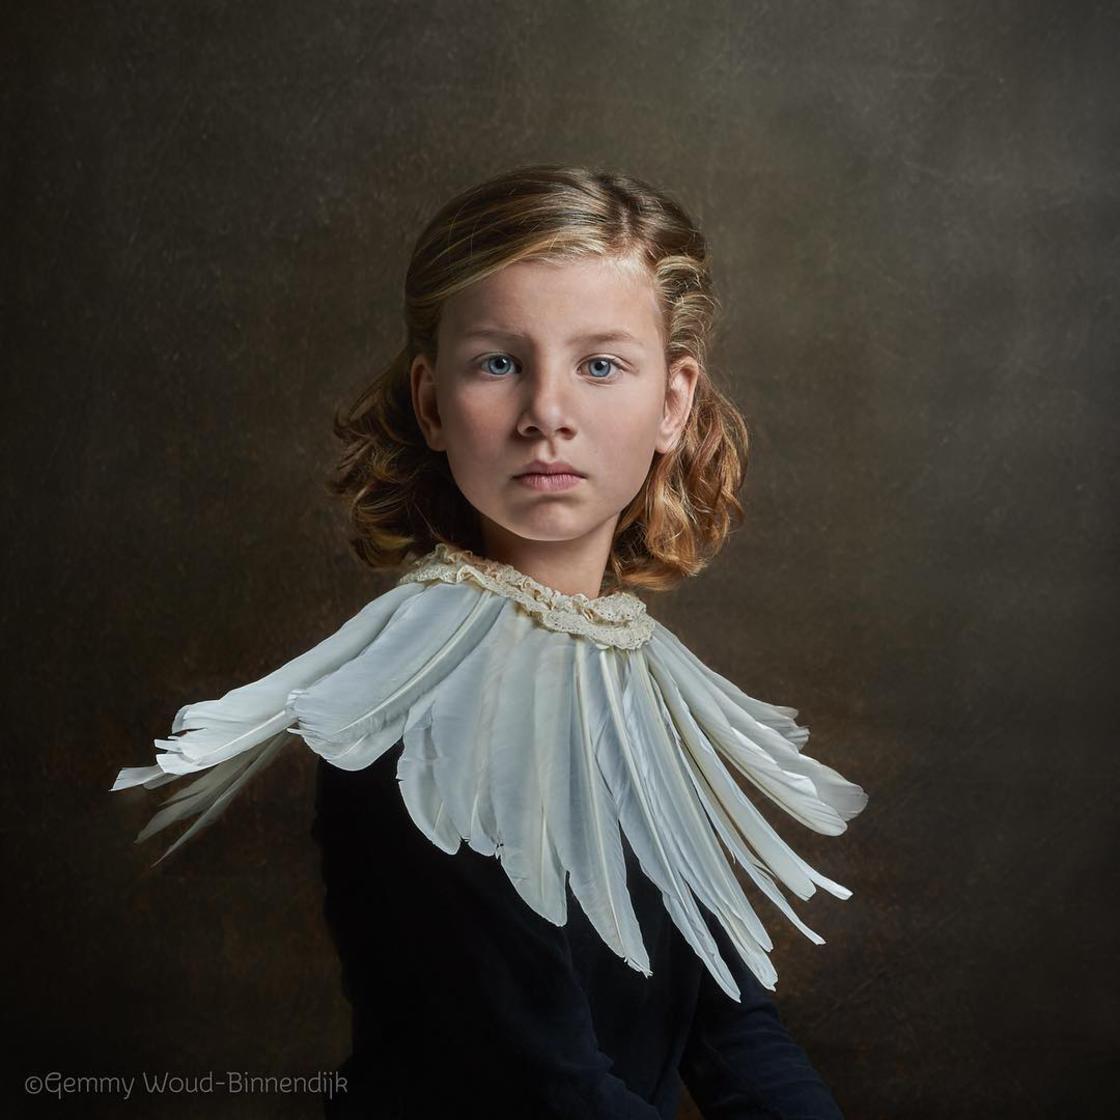 gemmy-woud-binnendijk-kid-portraits-7.jpg